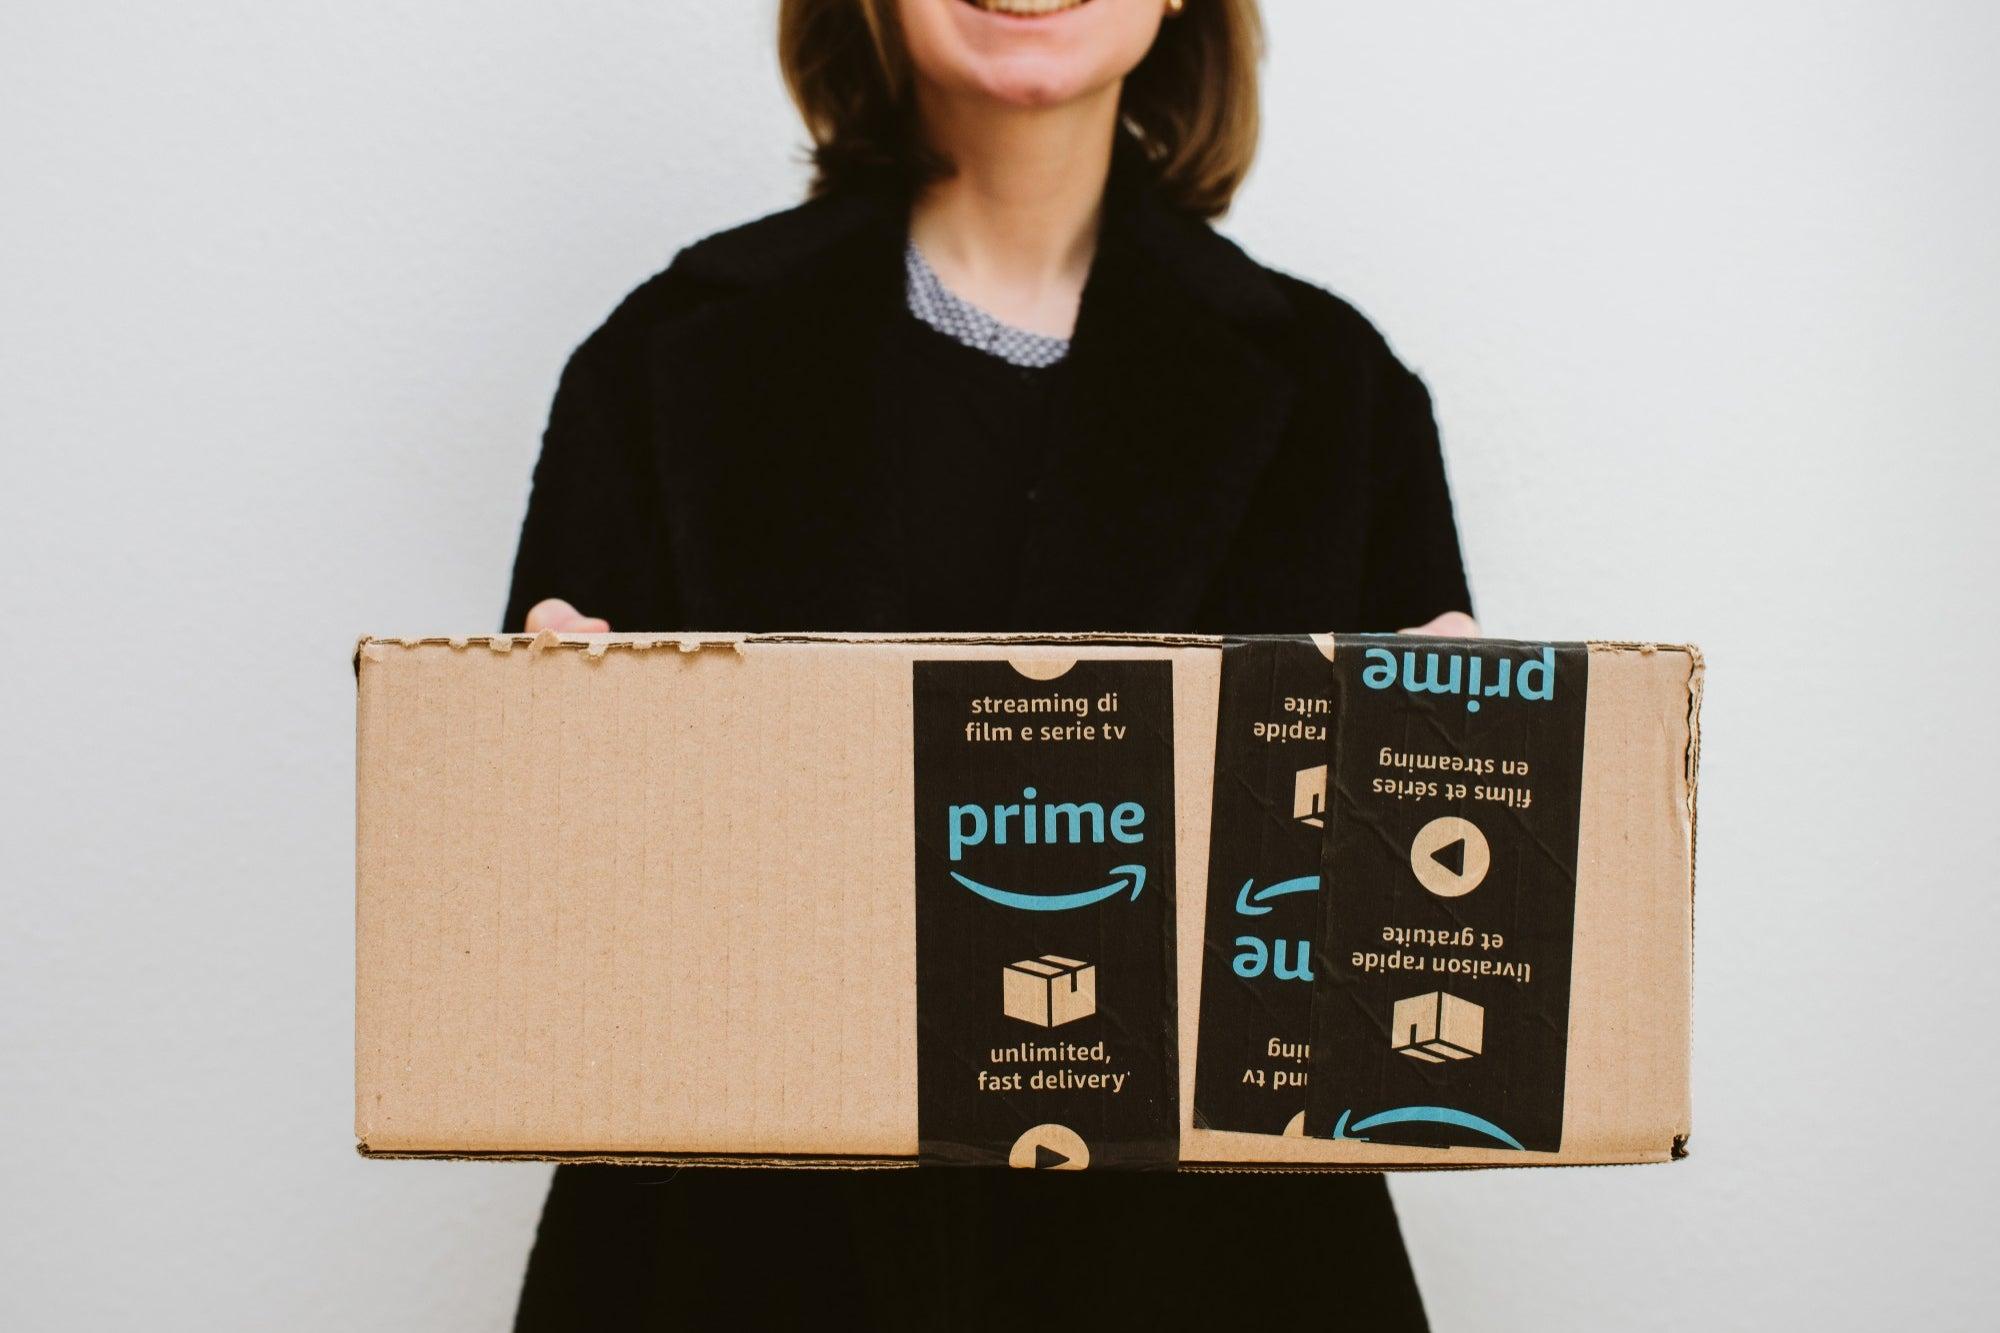 Prime Day descuentos: TODAS las ofertas de Amazon este 13 y 14 de octubre en México